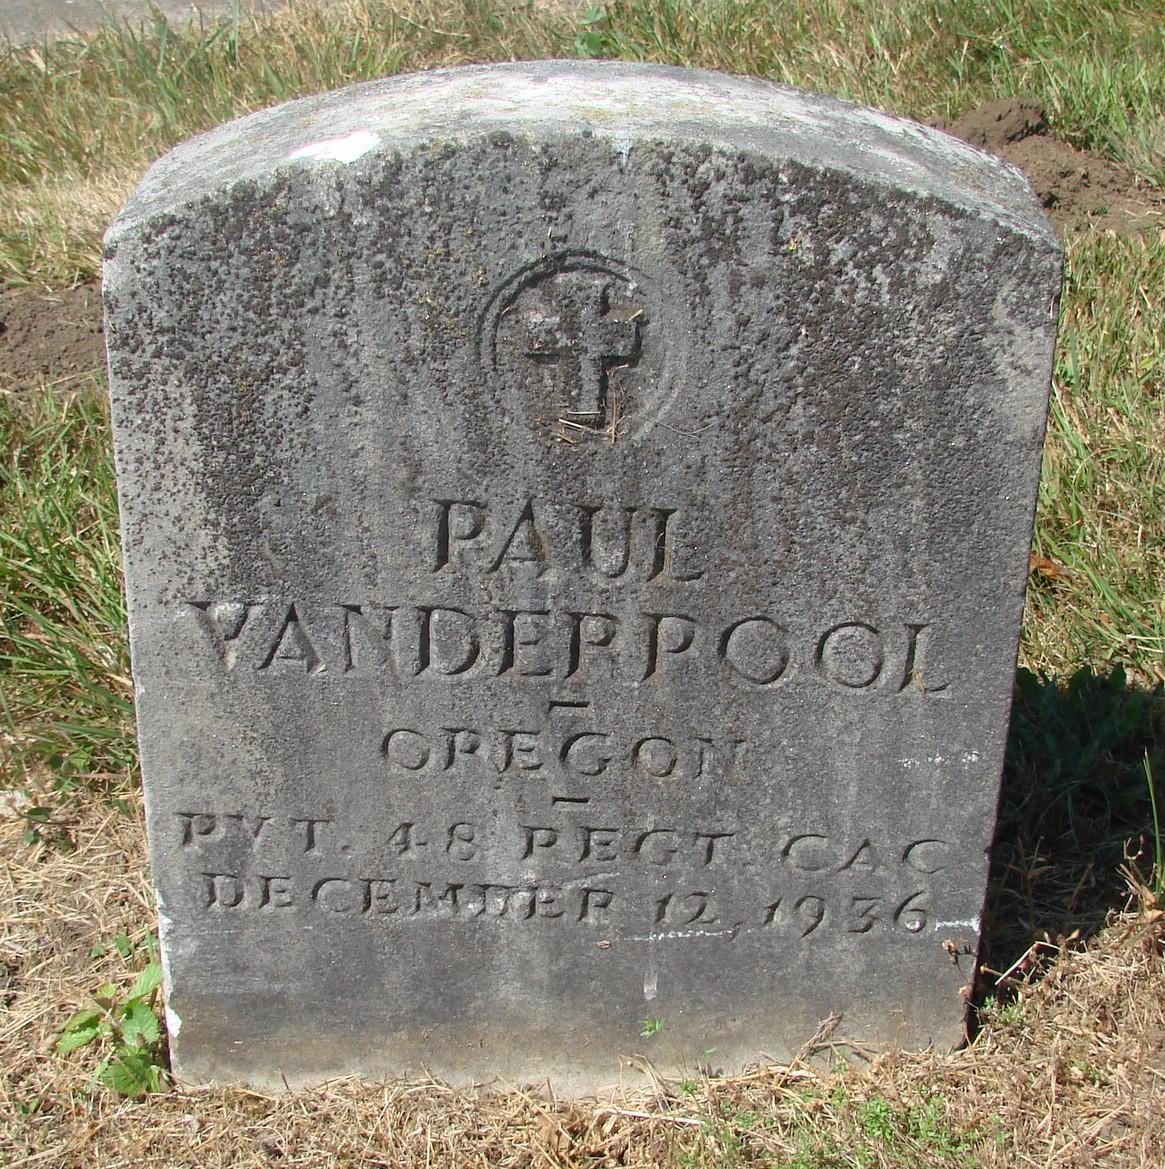 Paul Carl Vanderpool